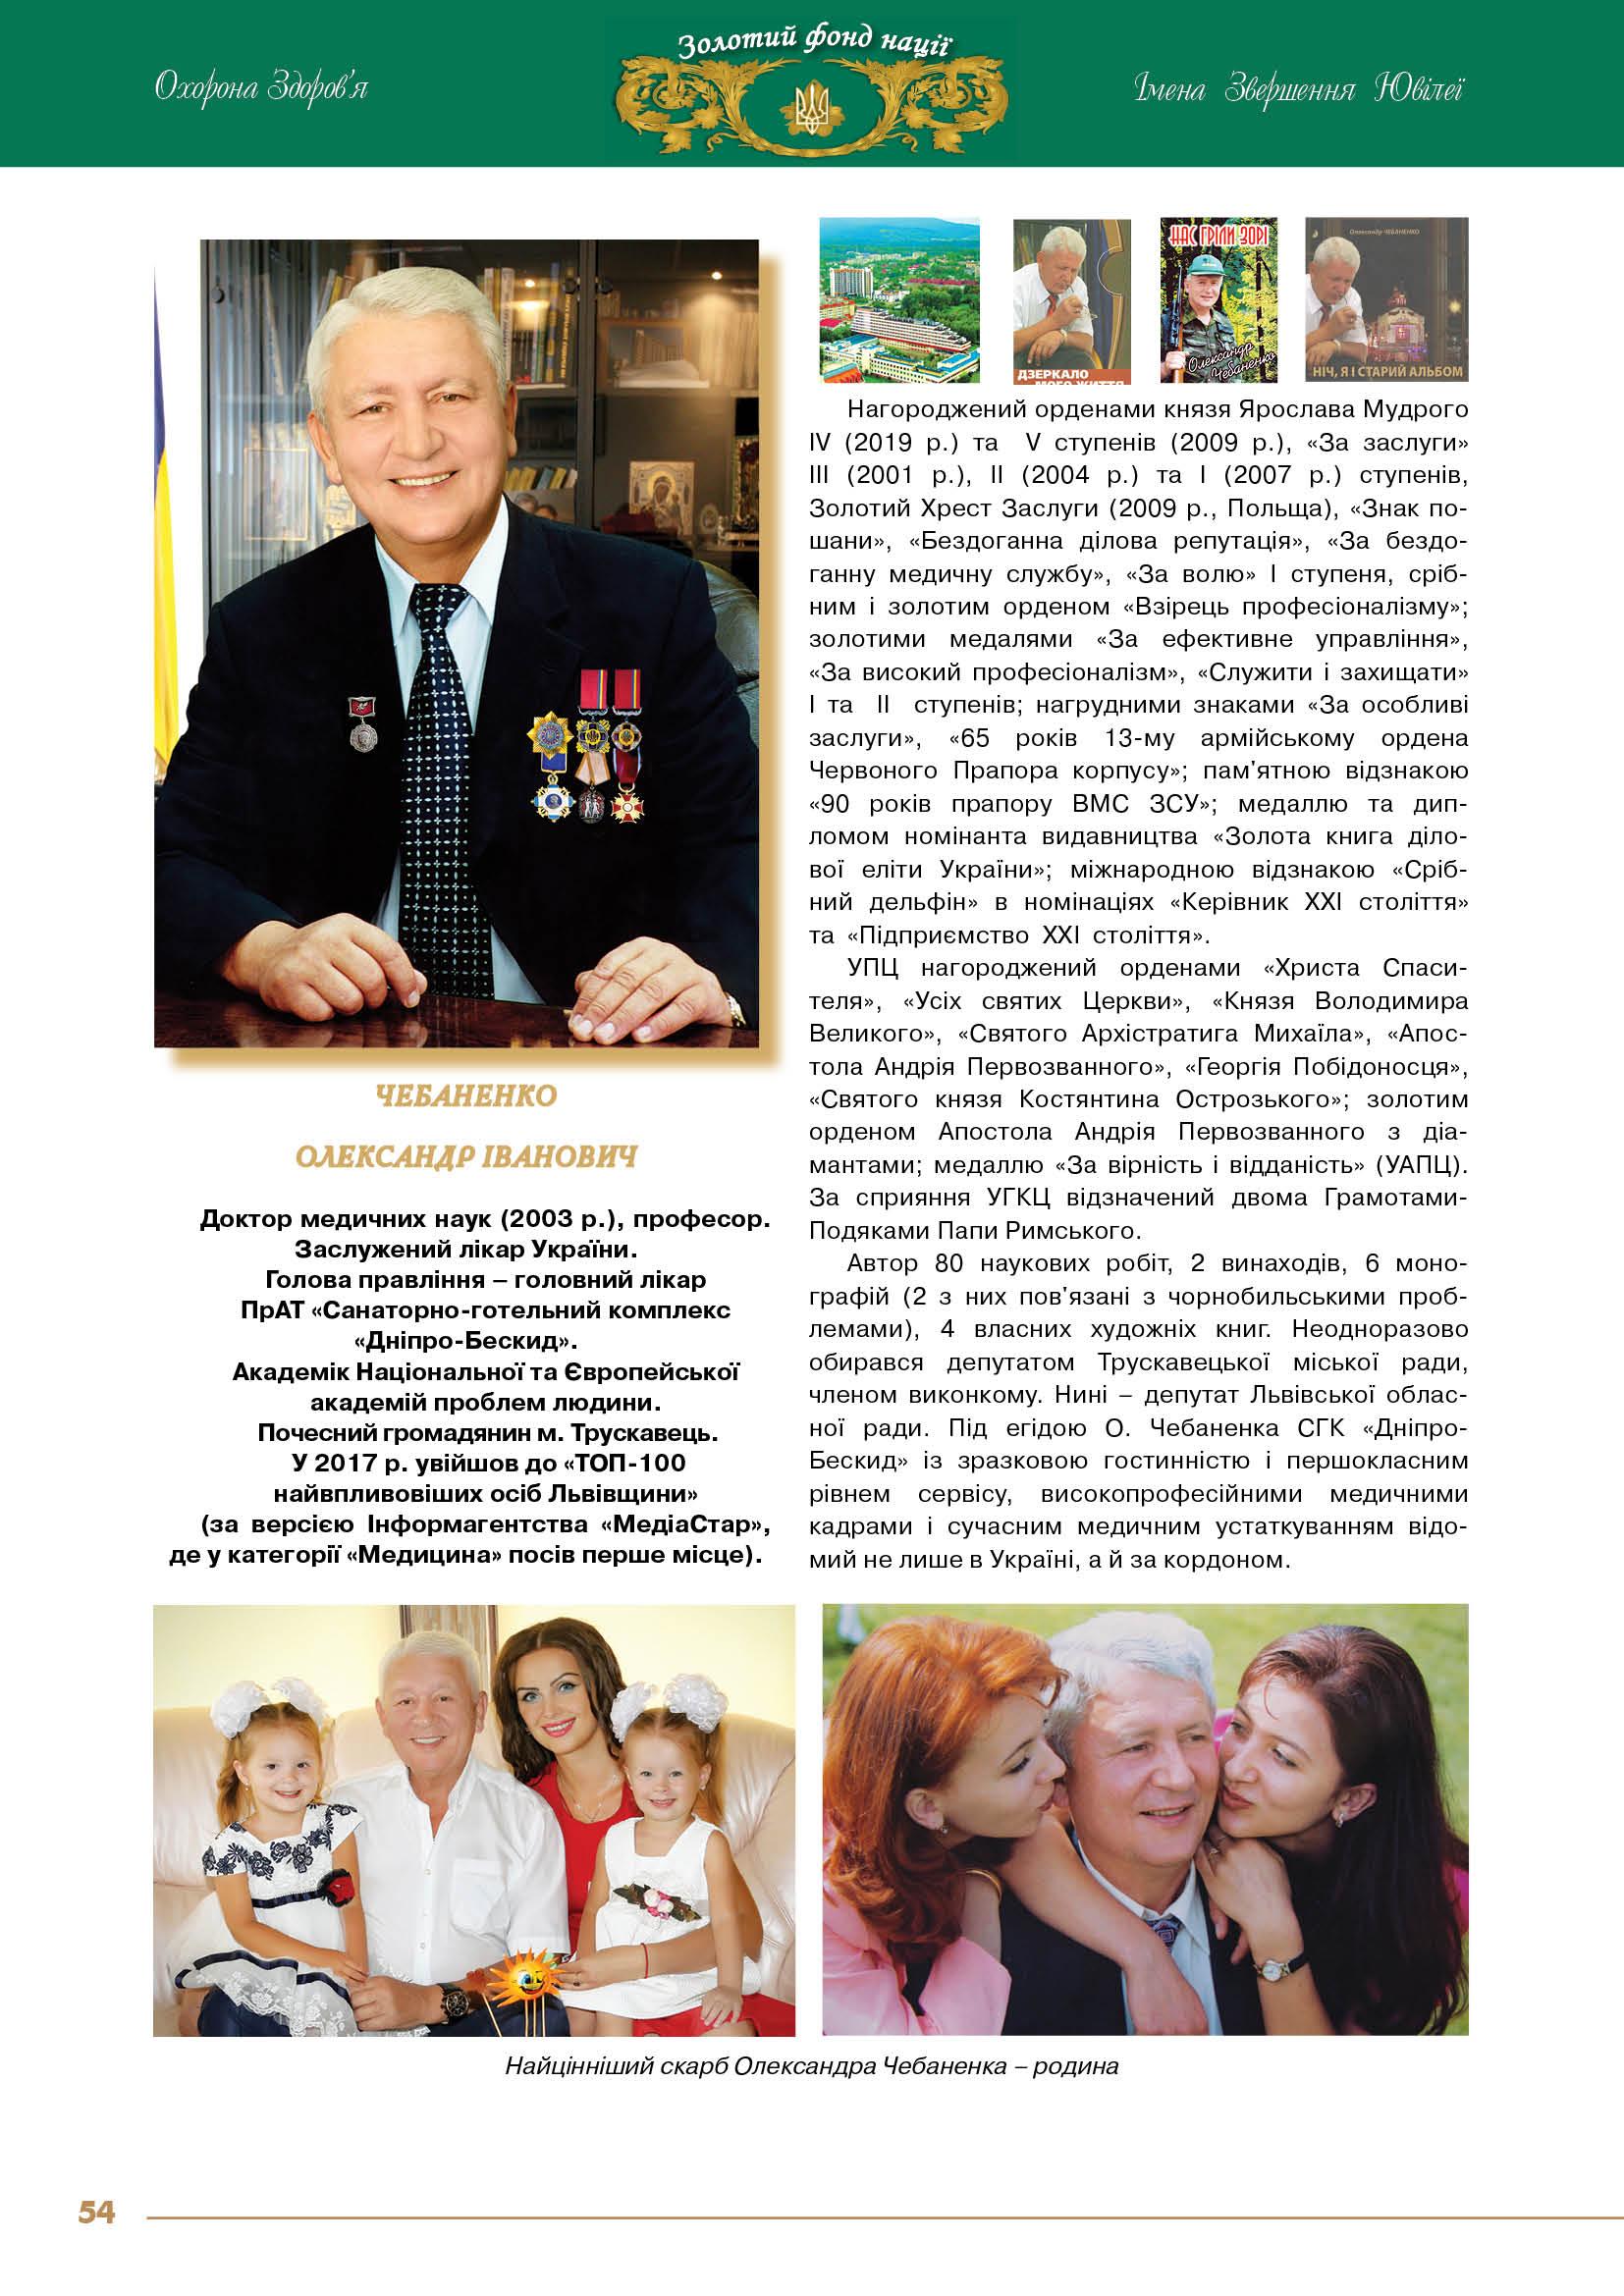 Чебаненко Олександр Іванович